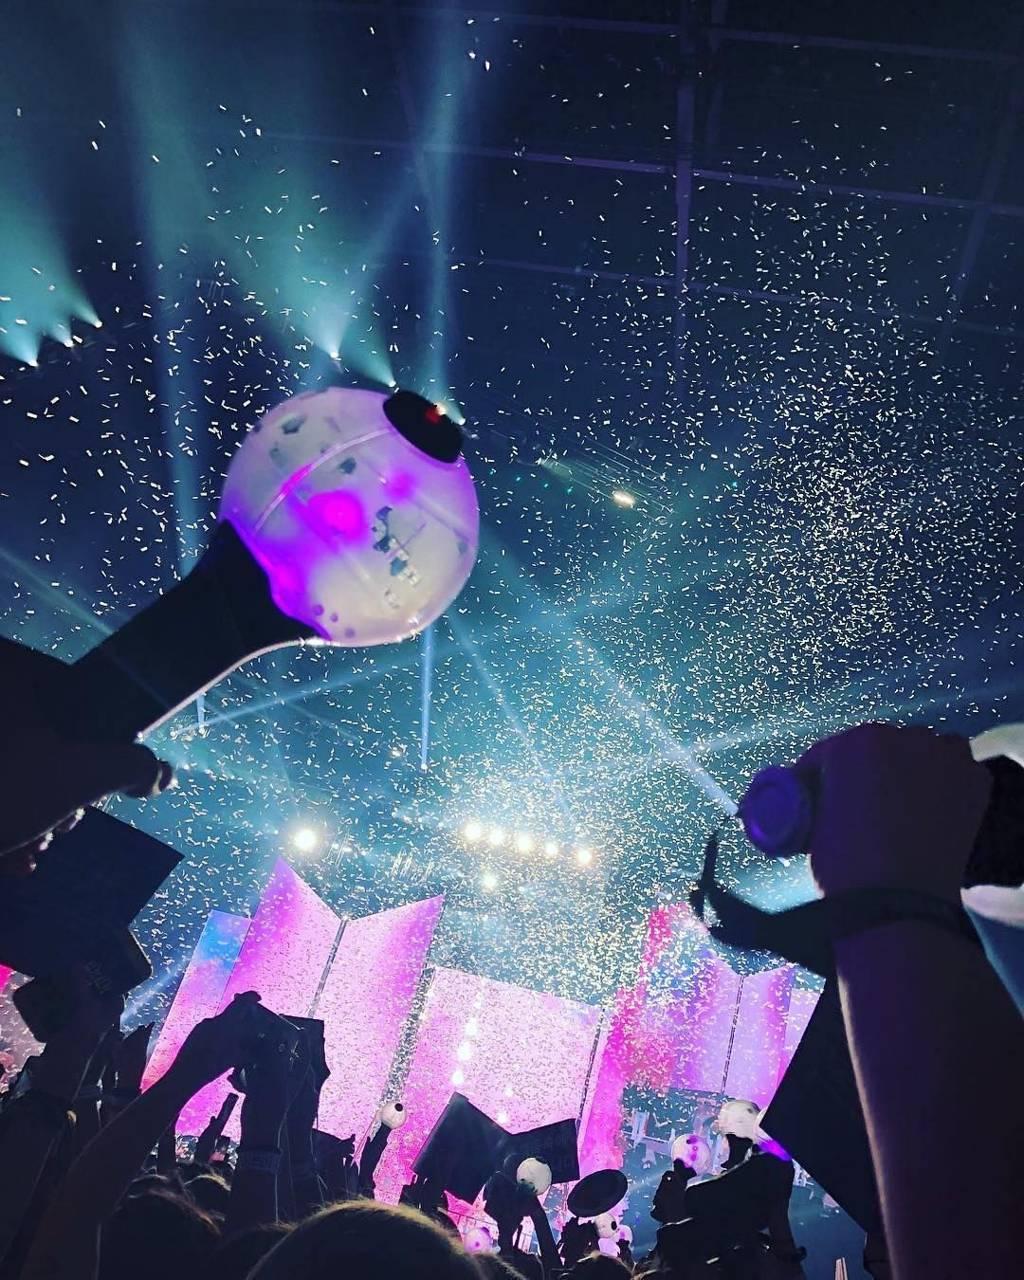 Wallpaper Iphone Bts Concert